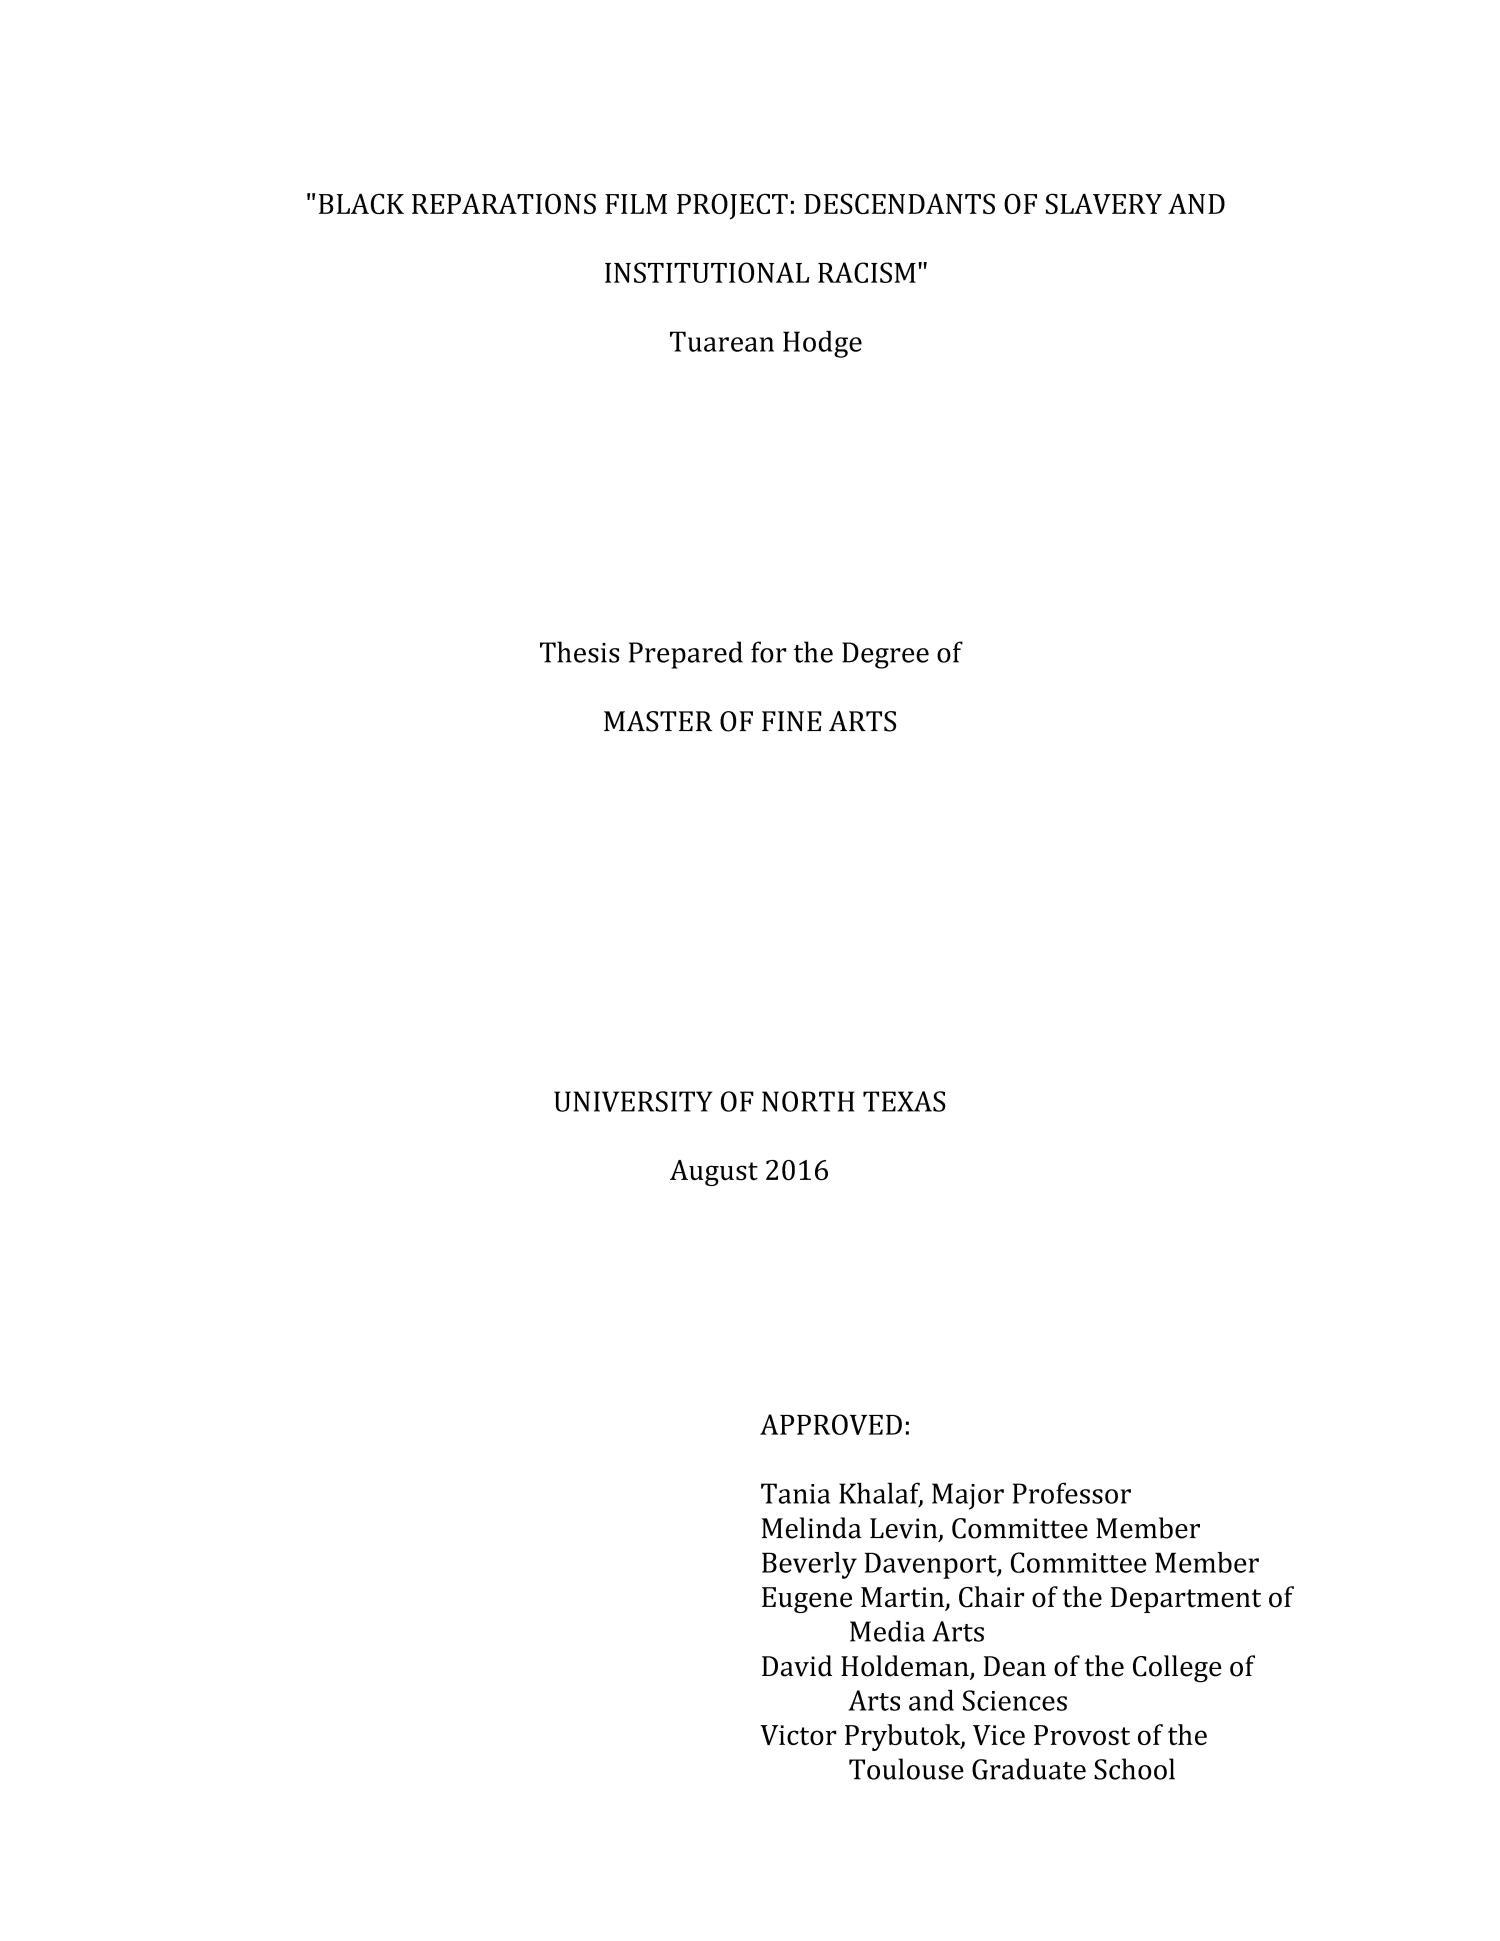 Black film thesis raju kadam resume